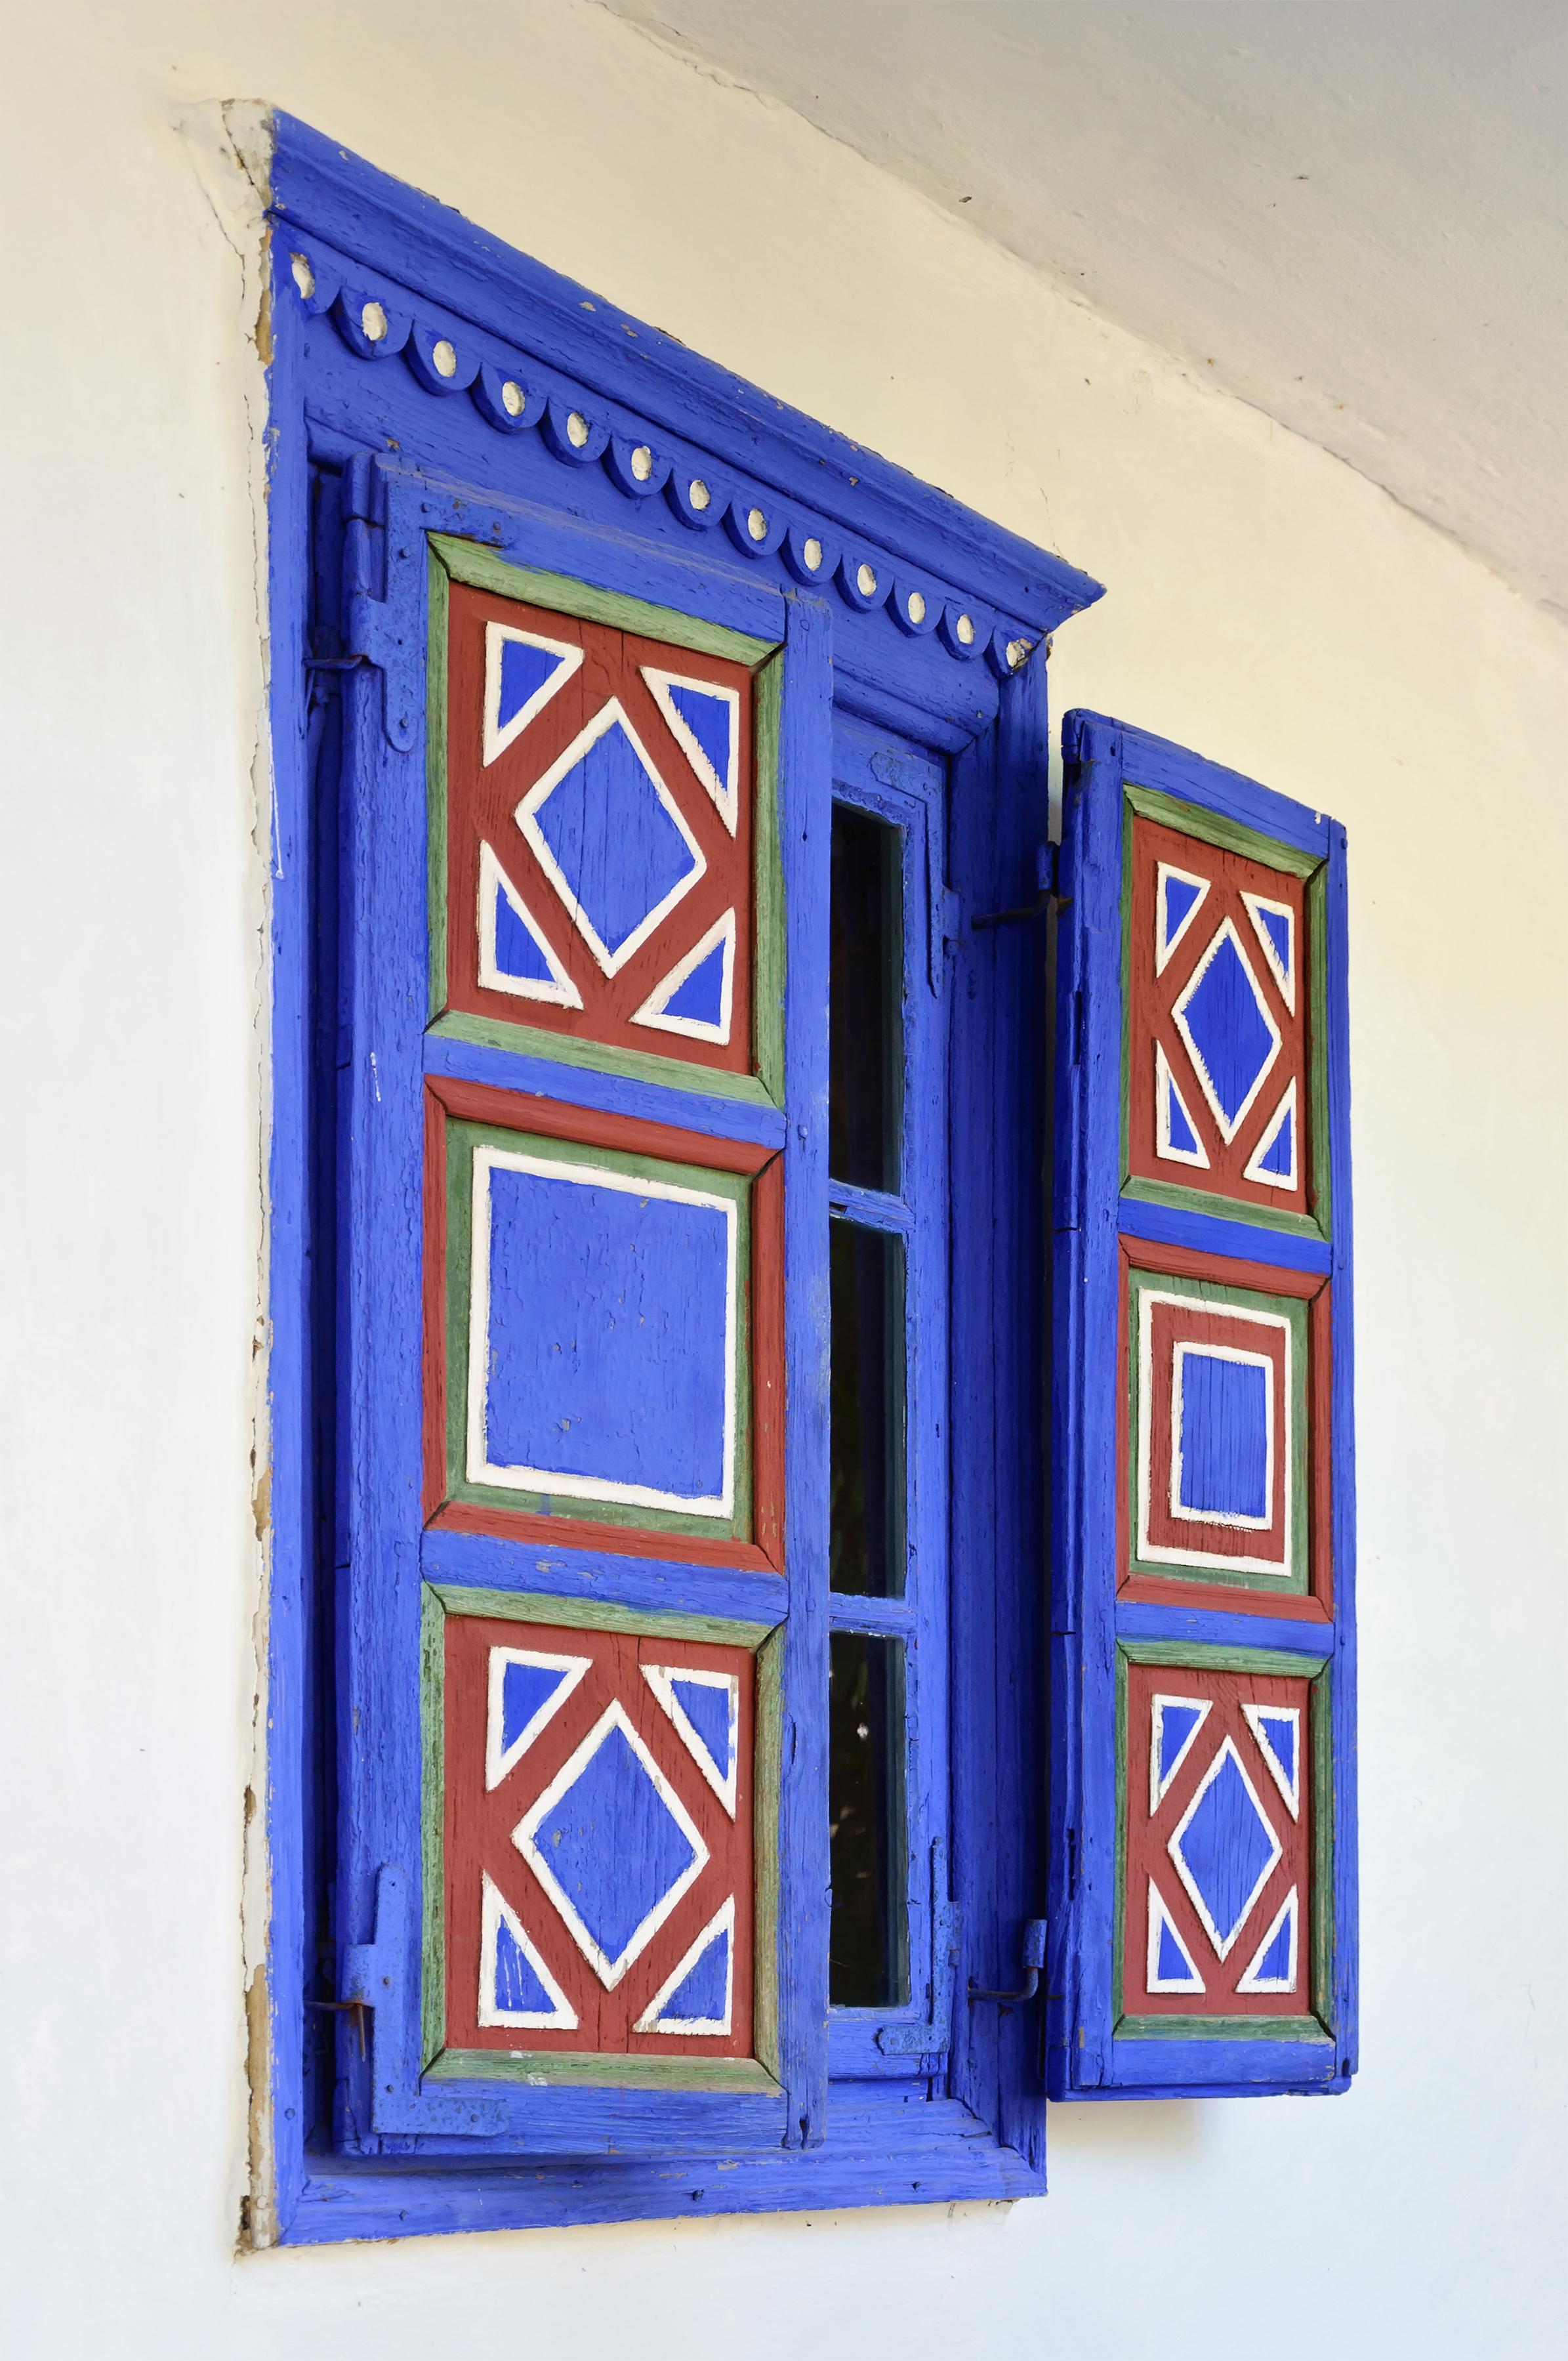 Fenetre aux volets colores - maison de Jurilovca (1898) - Musee du Village (Muzeul National al Satului Dimitrie Gusti), Bucarest, Roumanie.